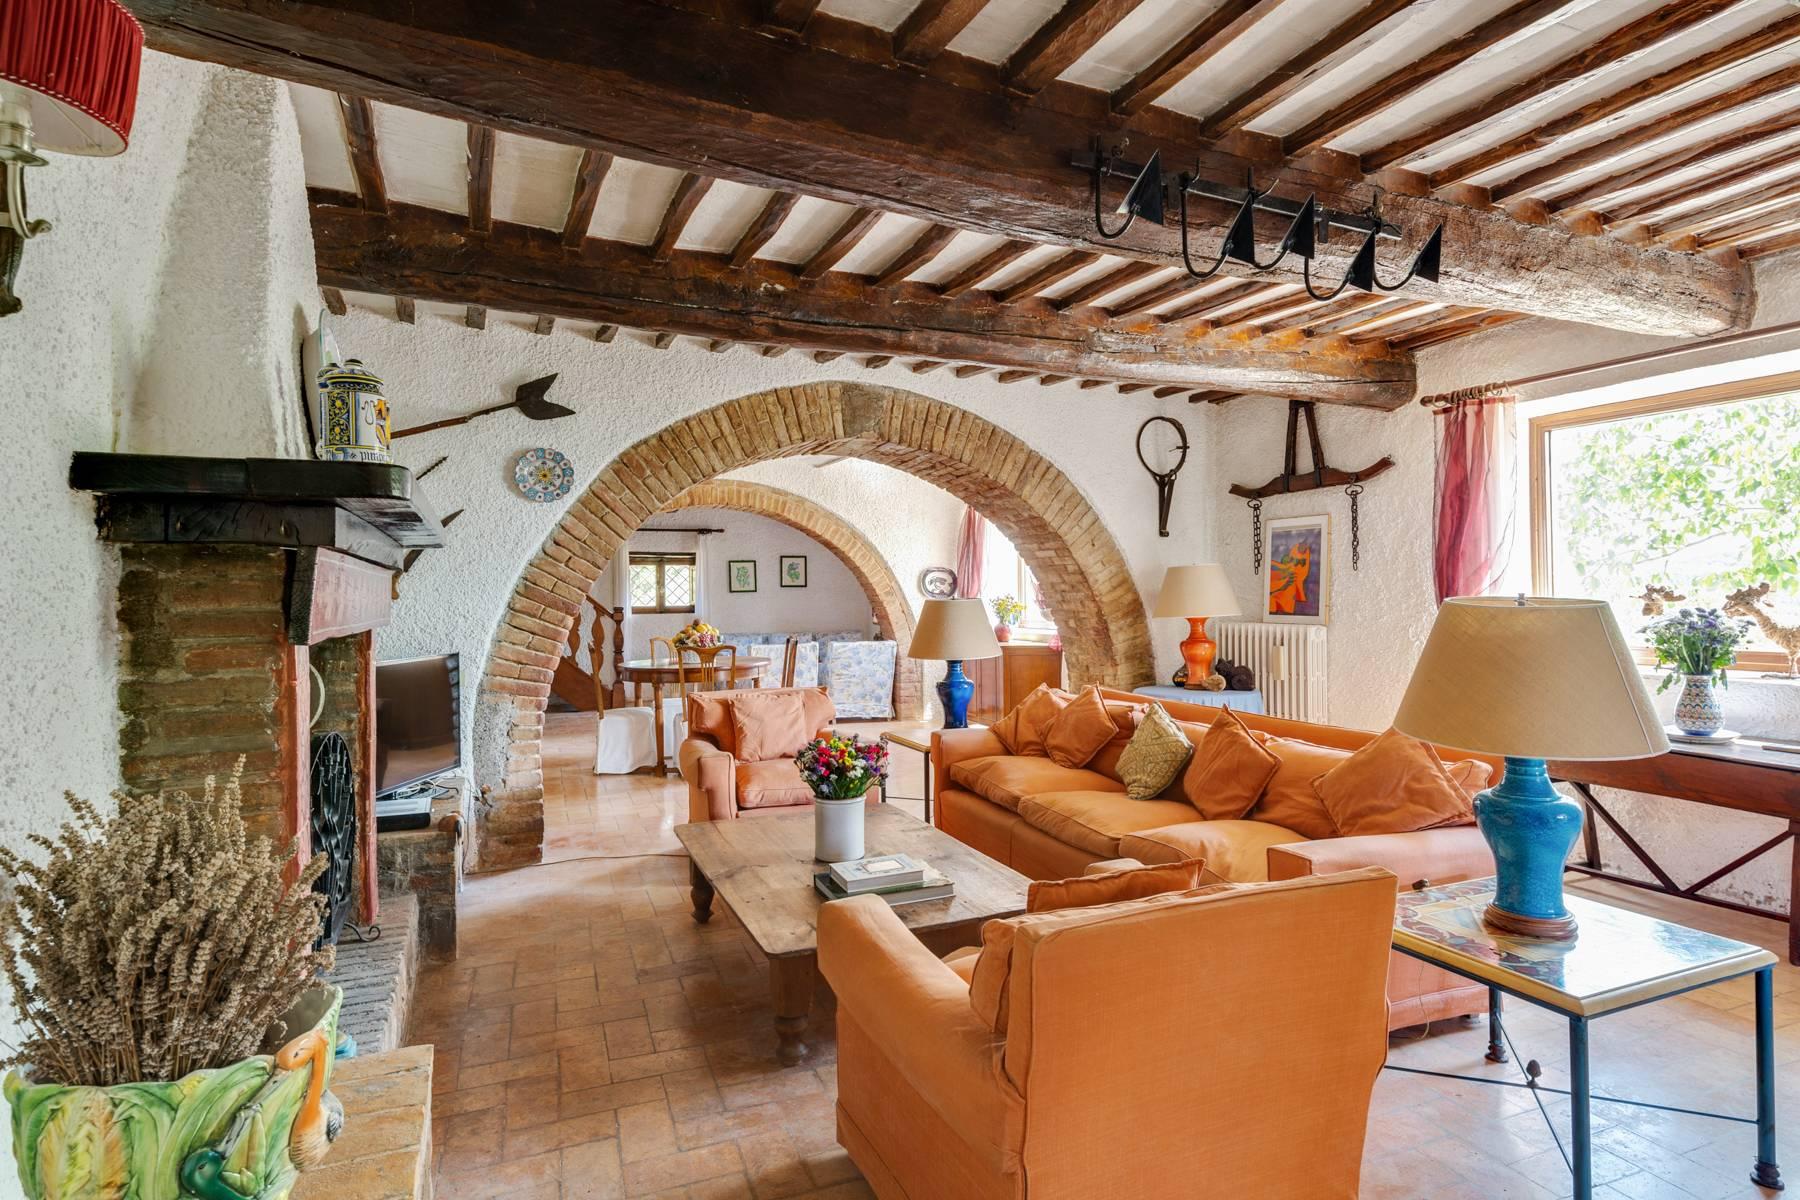 Rustico in Vendita a Orvieto: 5 locali, 484 mq - Foto 4